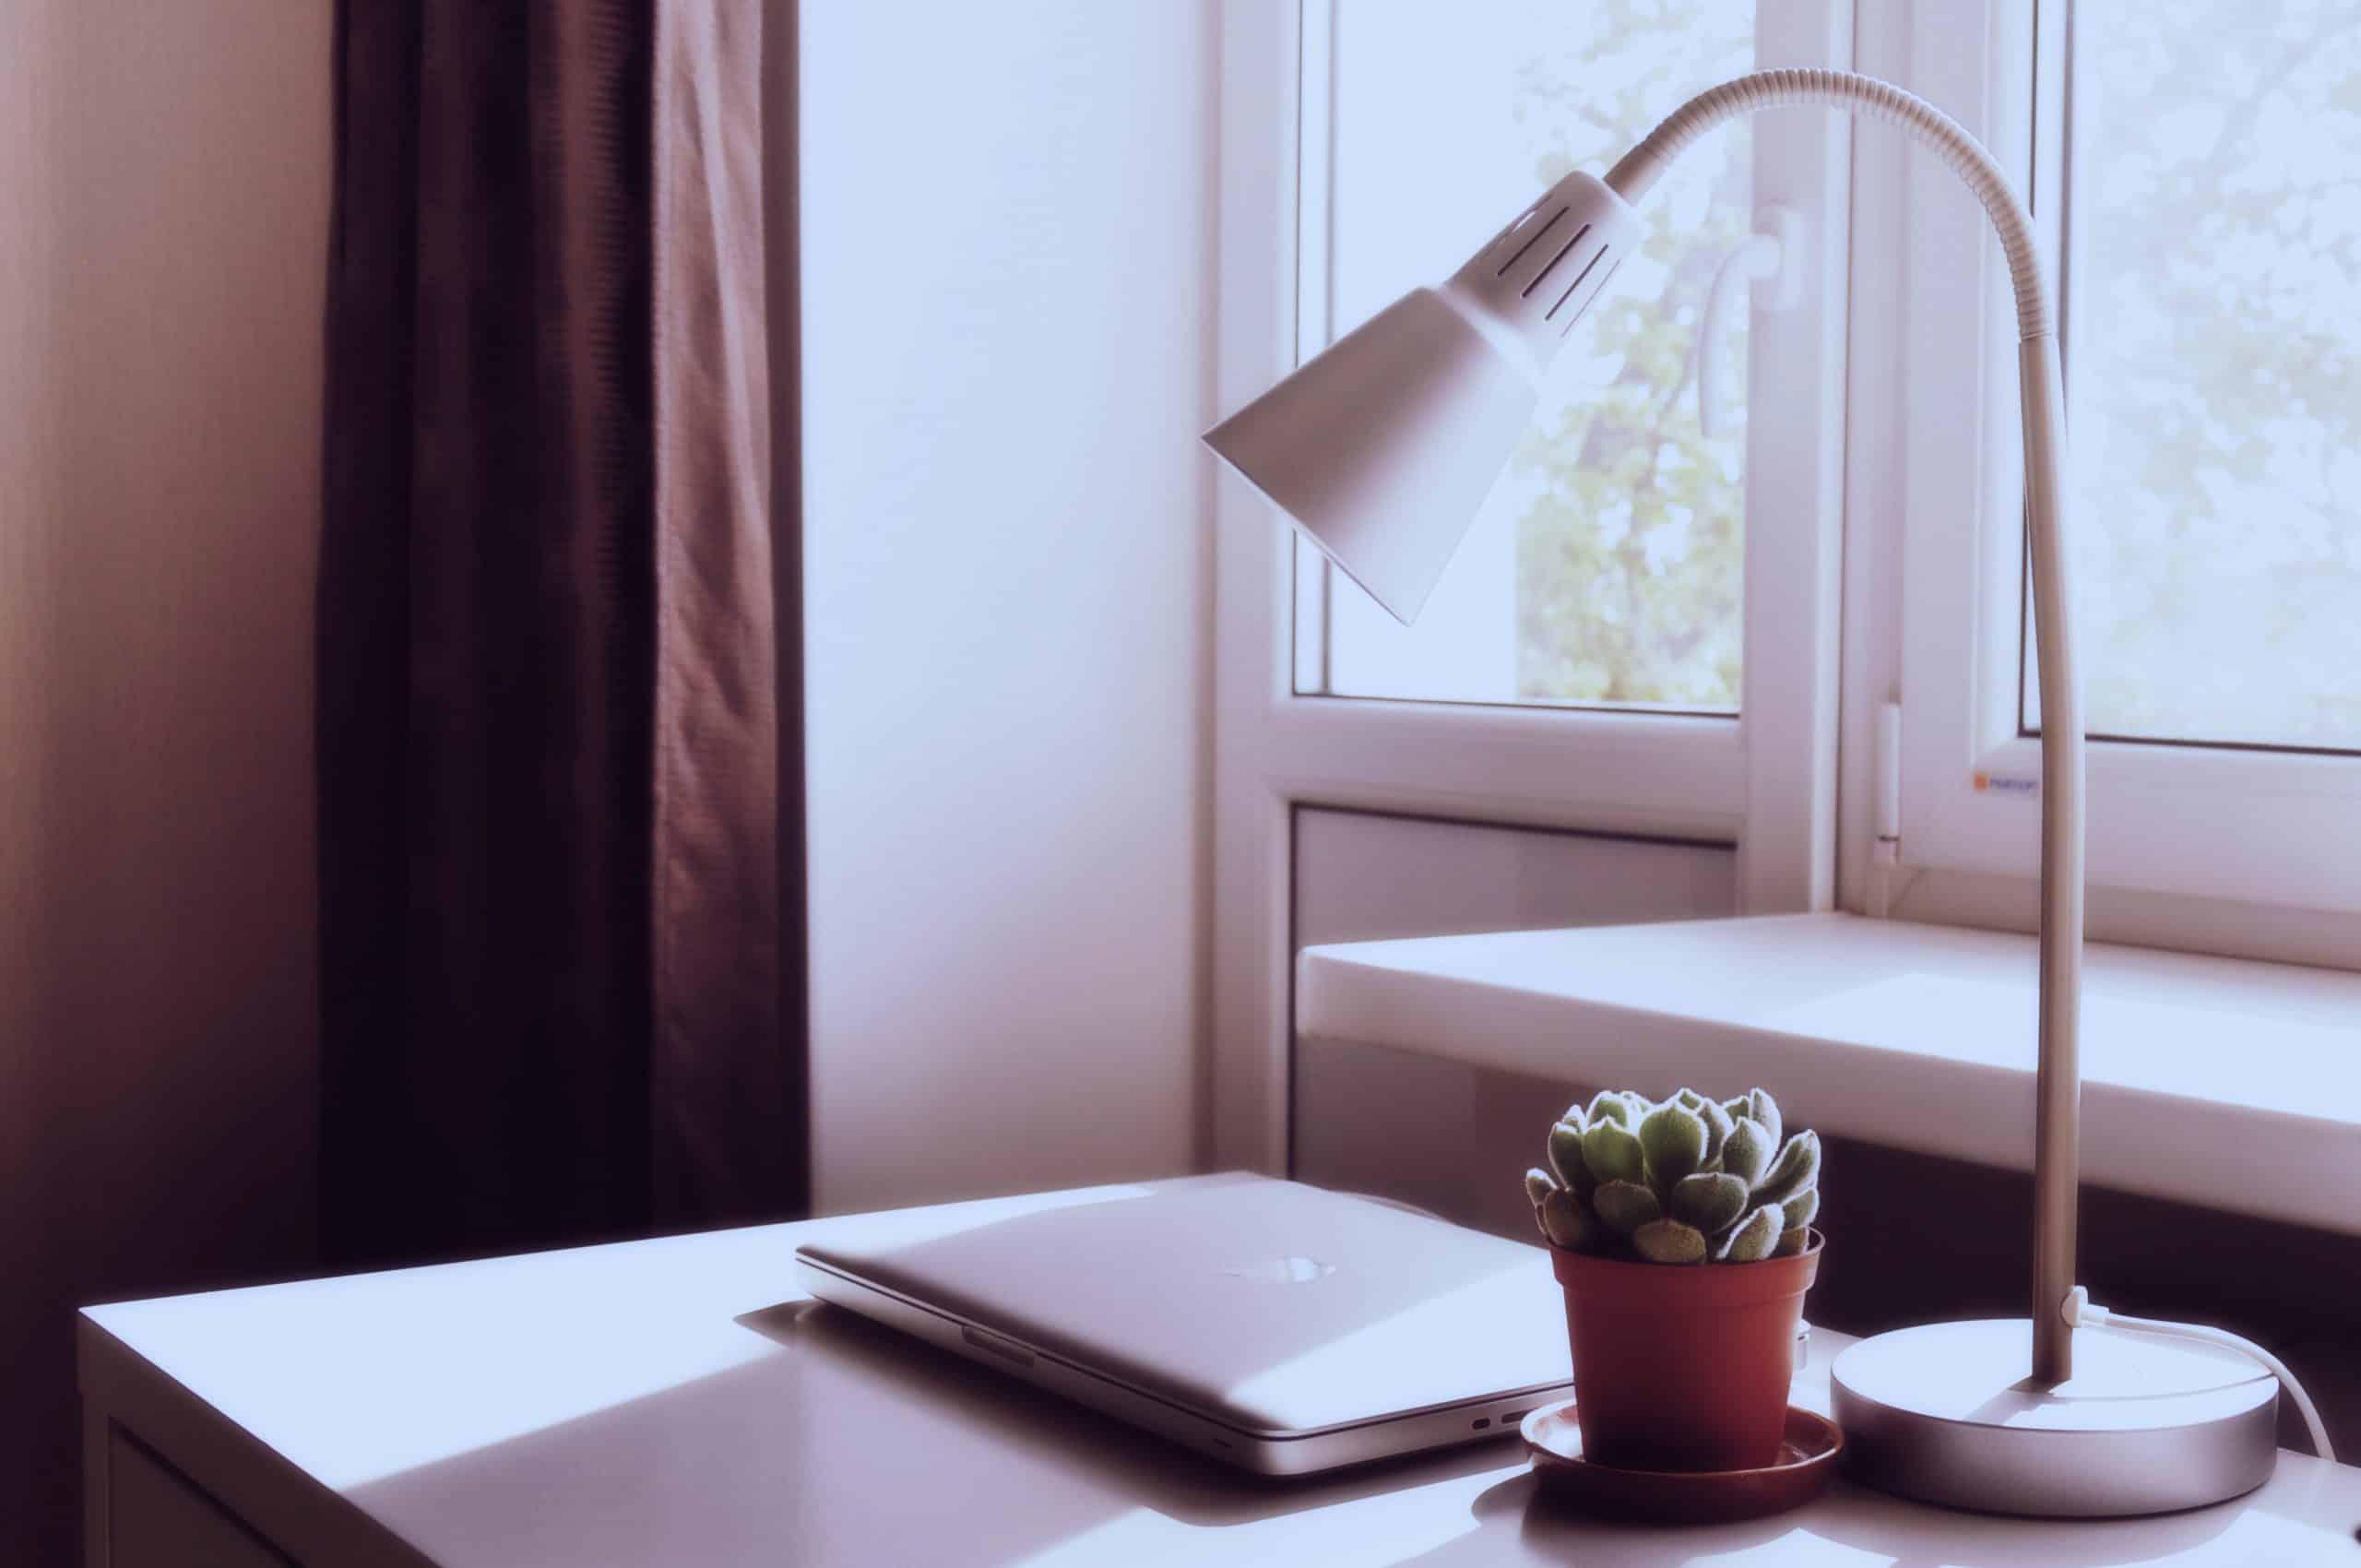 bureau avec fenêtre en pvc